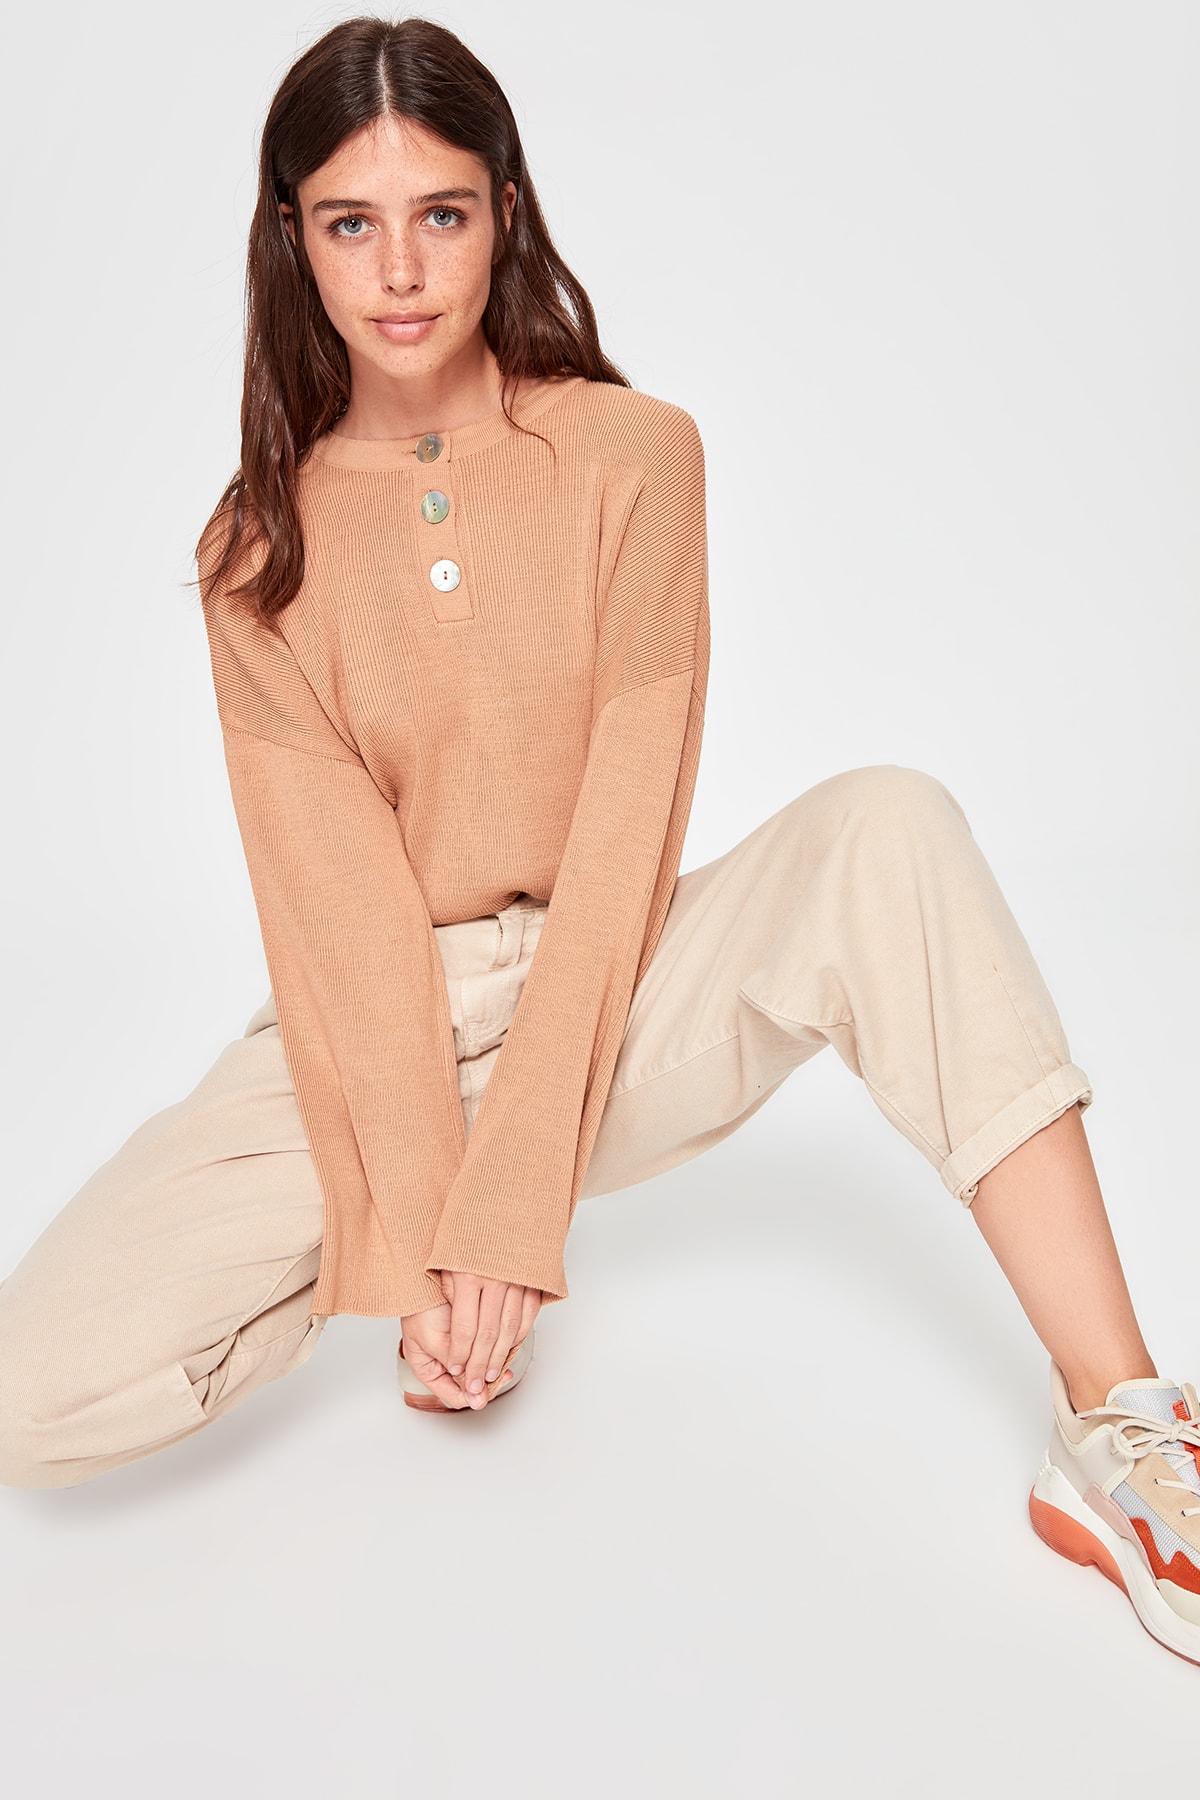 Trendyol Button Knitwear Sweater TWOAW20KZ0419